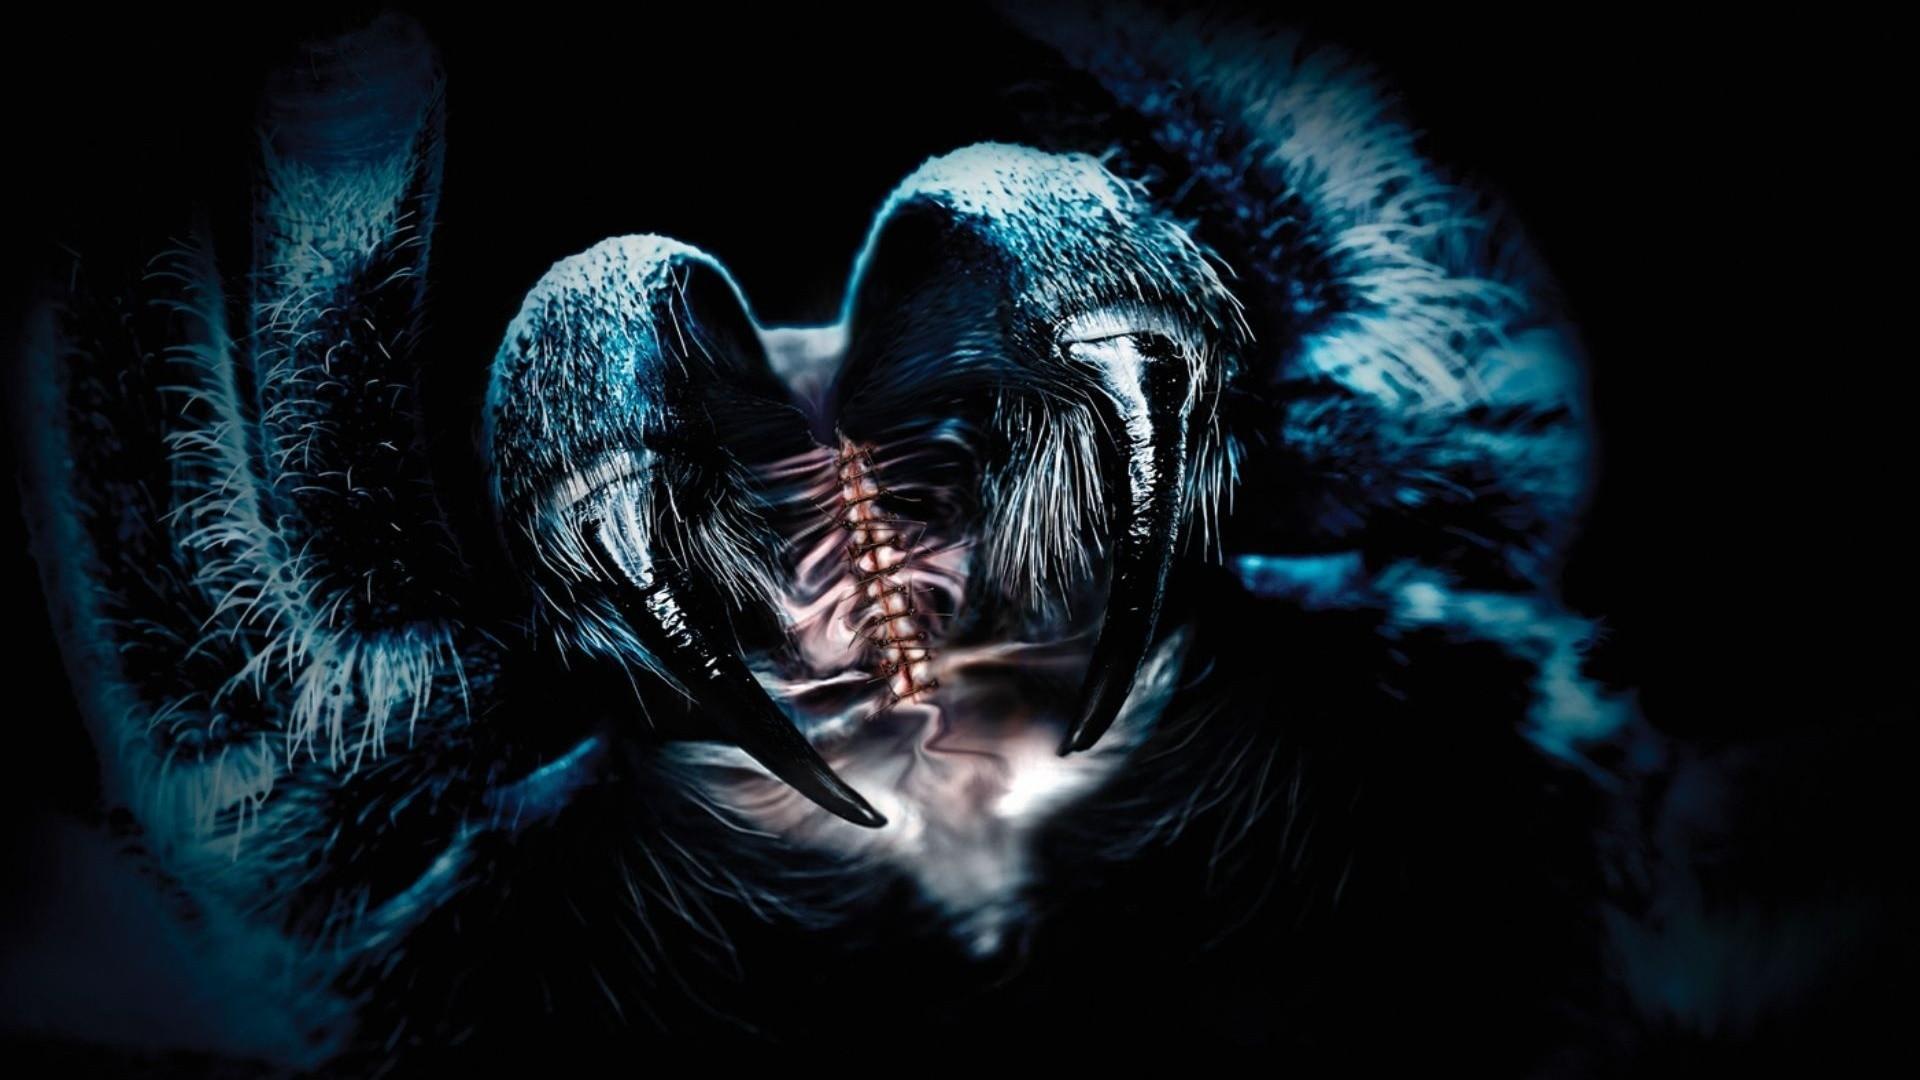 Fantasy art digital spider dark horror wallpaper | | 29971 |  WallpaperUP